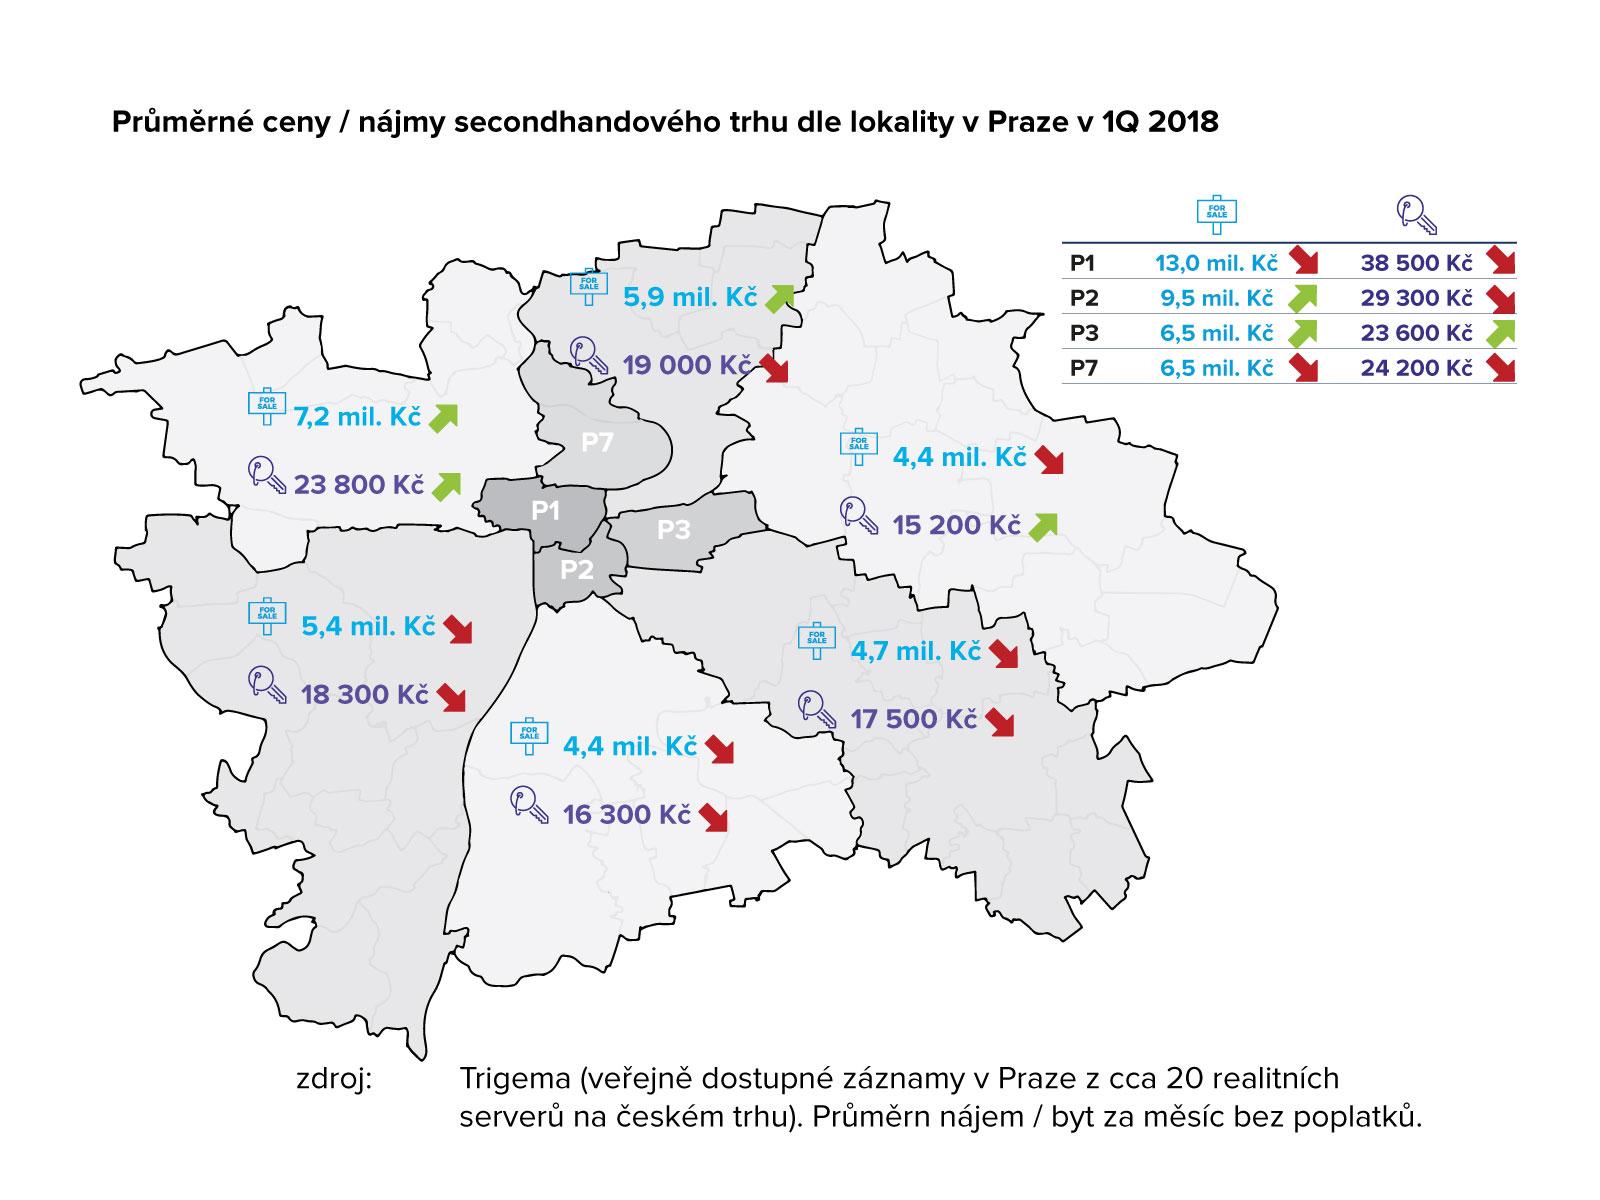 průměrné ceny / nájmy secondhandového trhu dle lokality v Praze v 1Q 2018